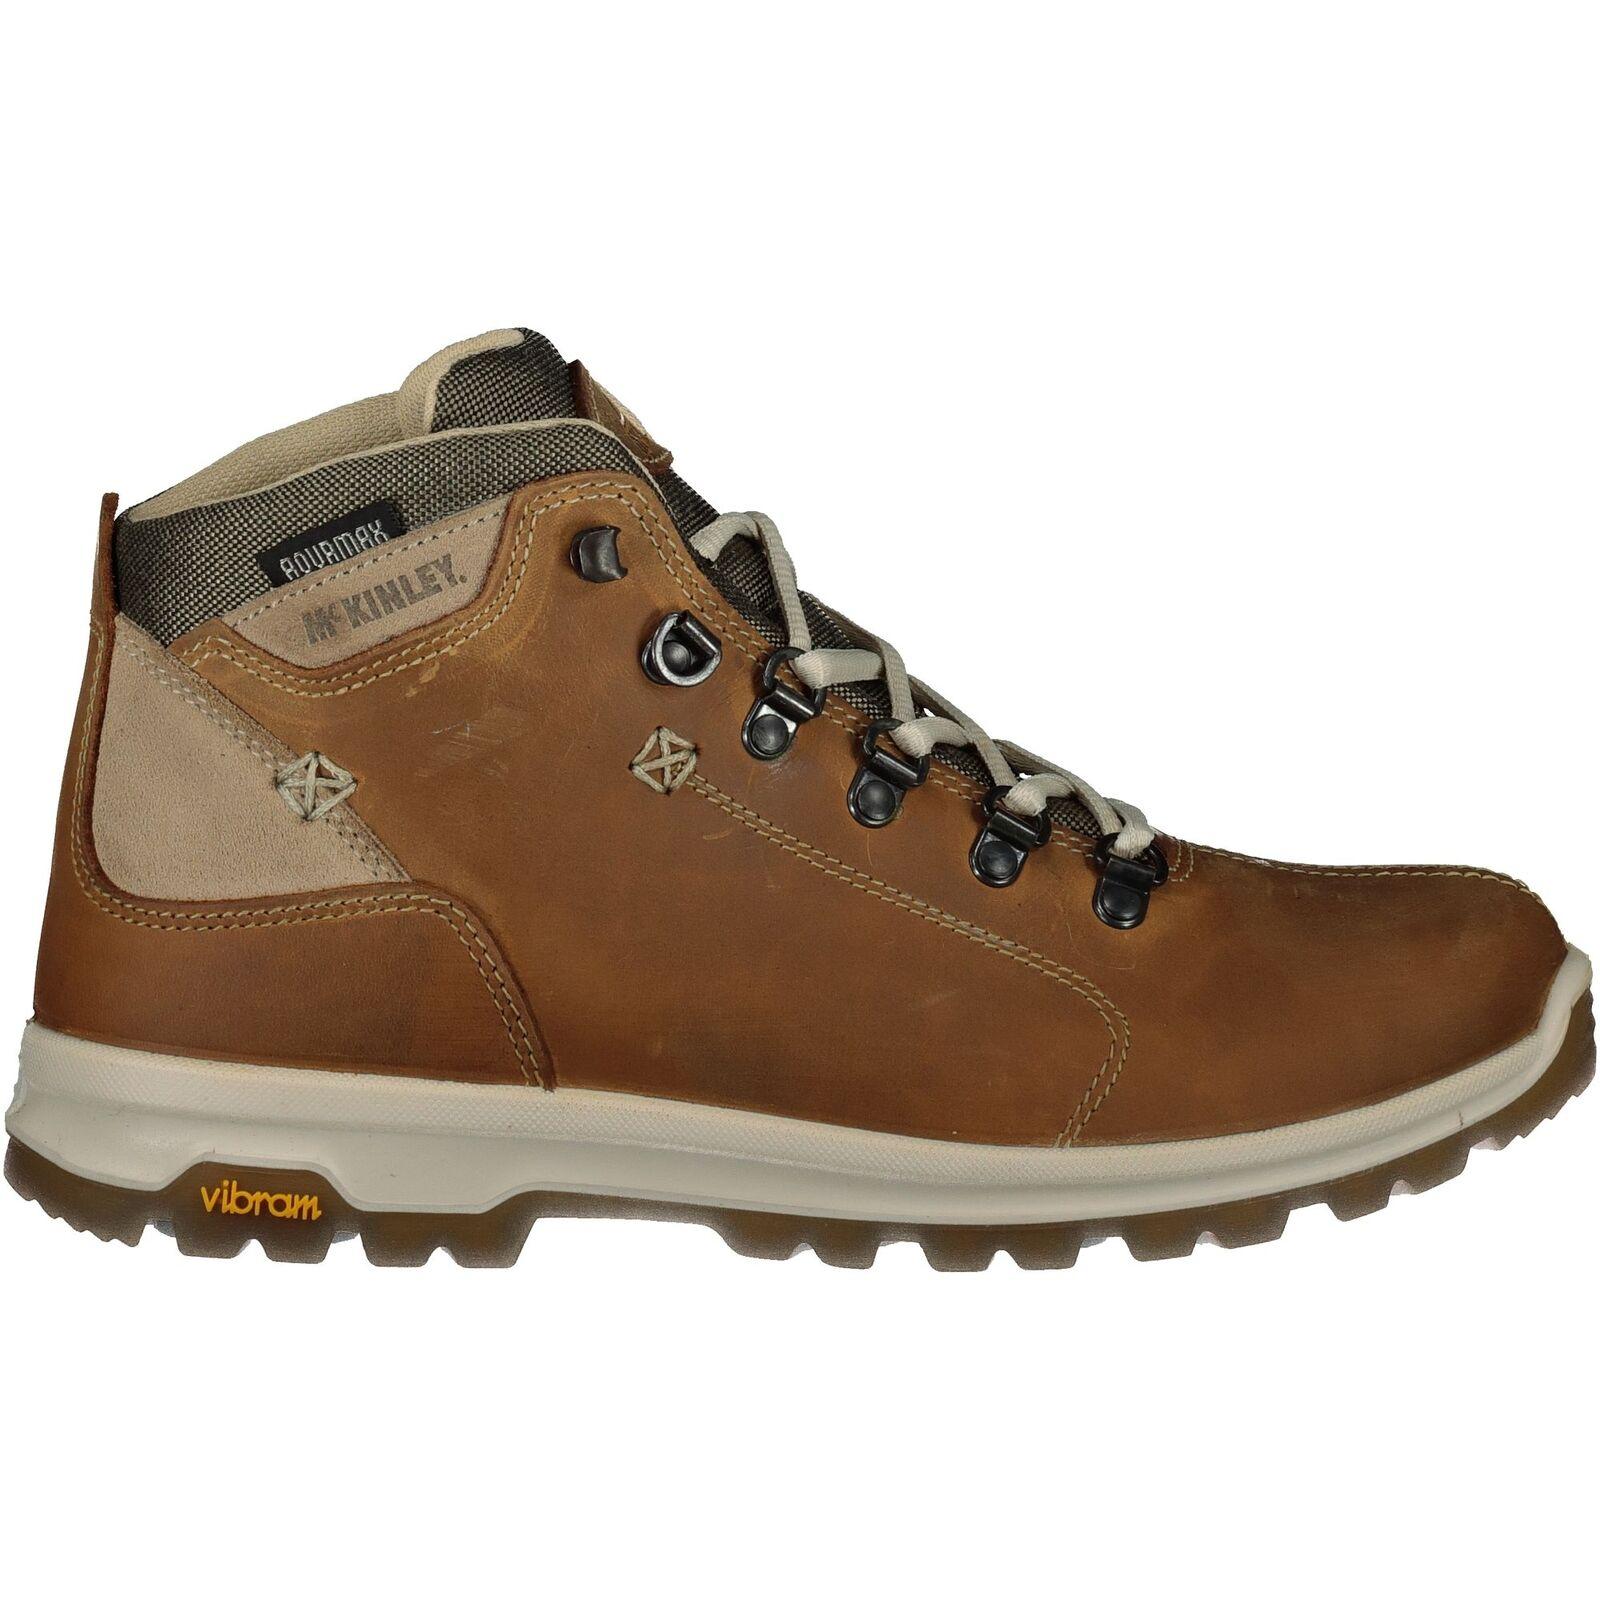 McKinley Alexia AQX W invierno botas botas botas a mujer marrón  a la venta